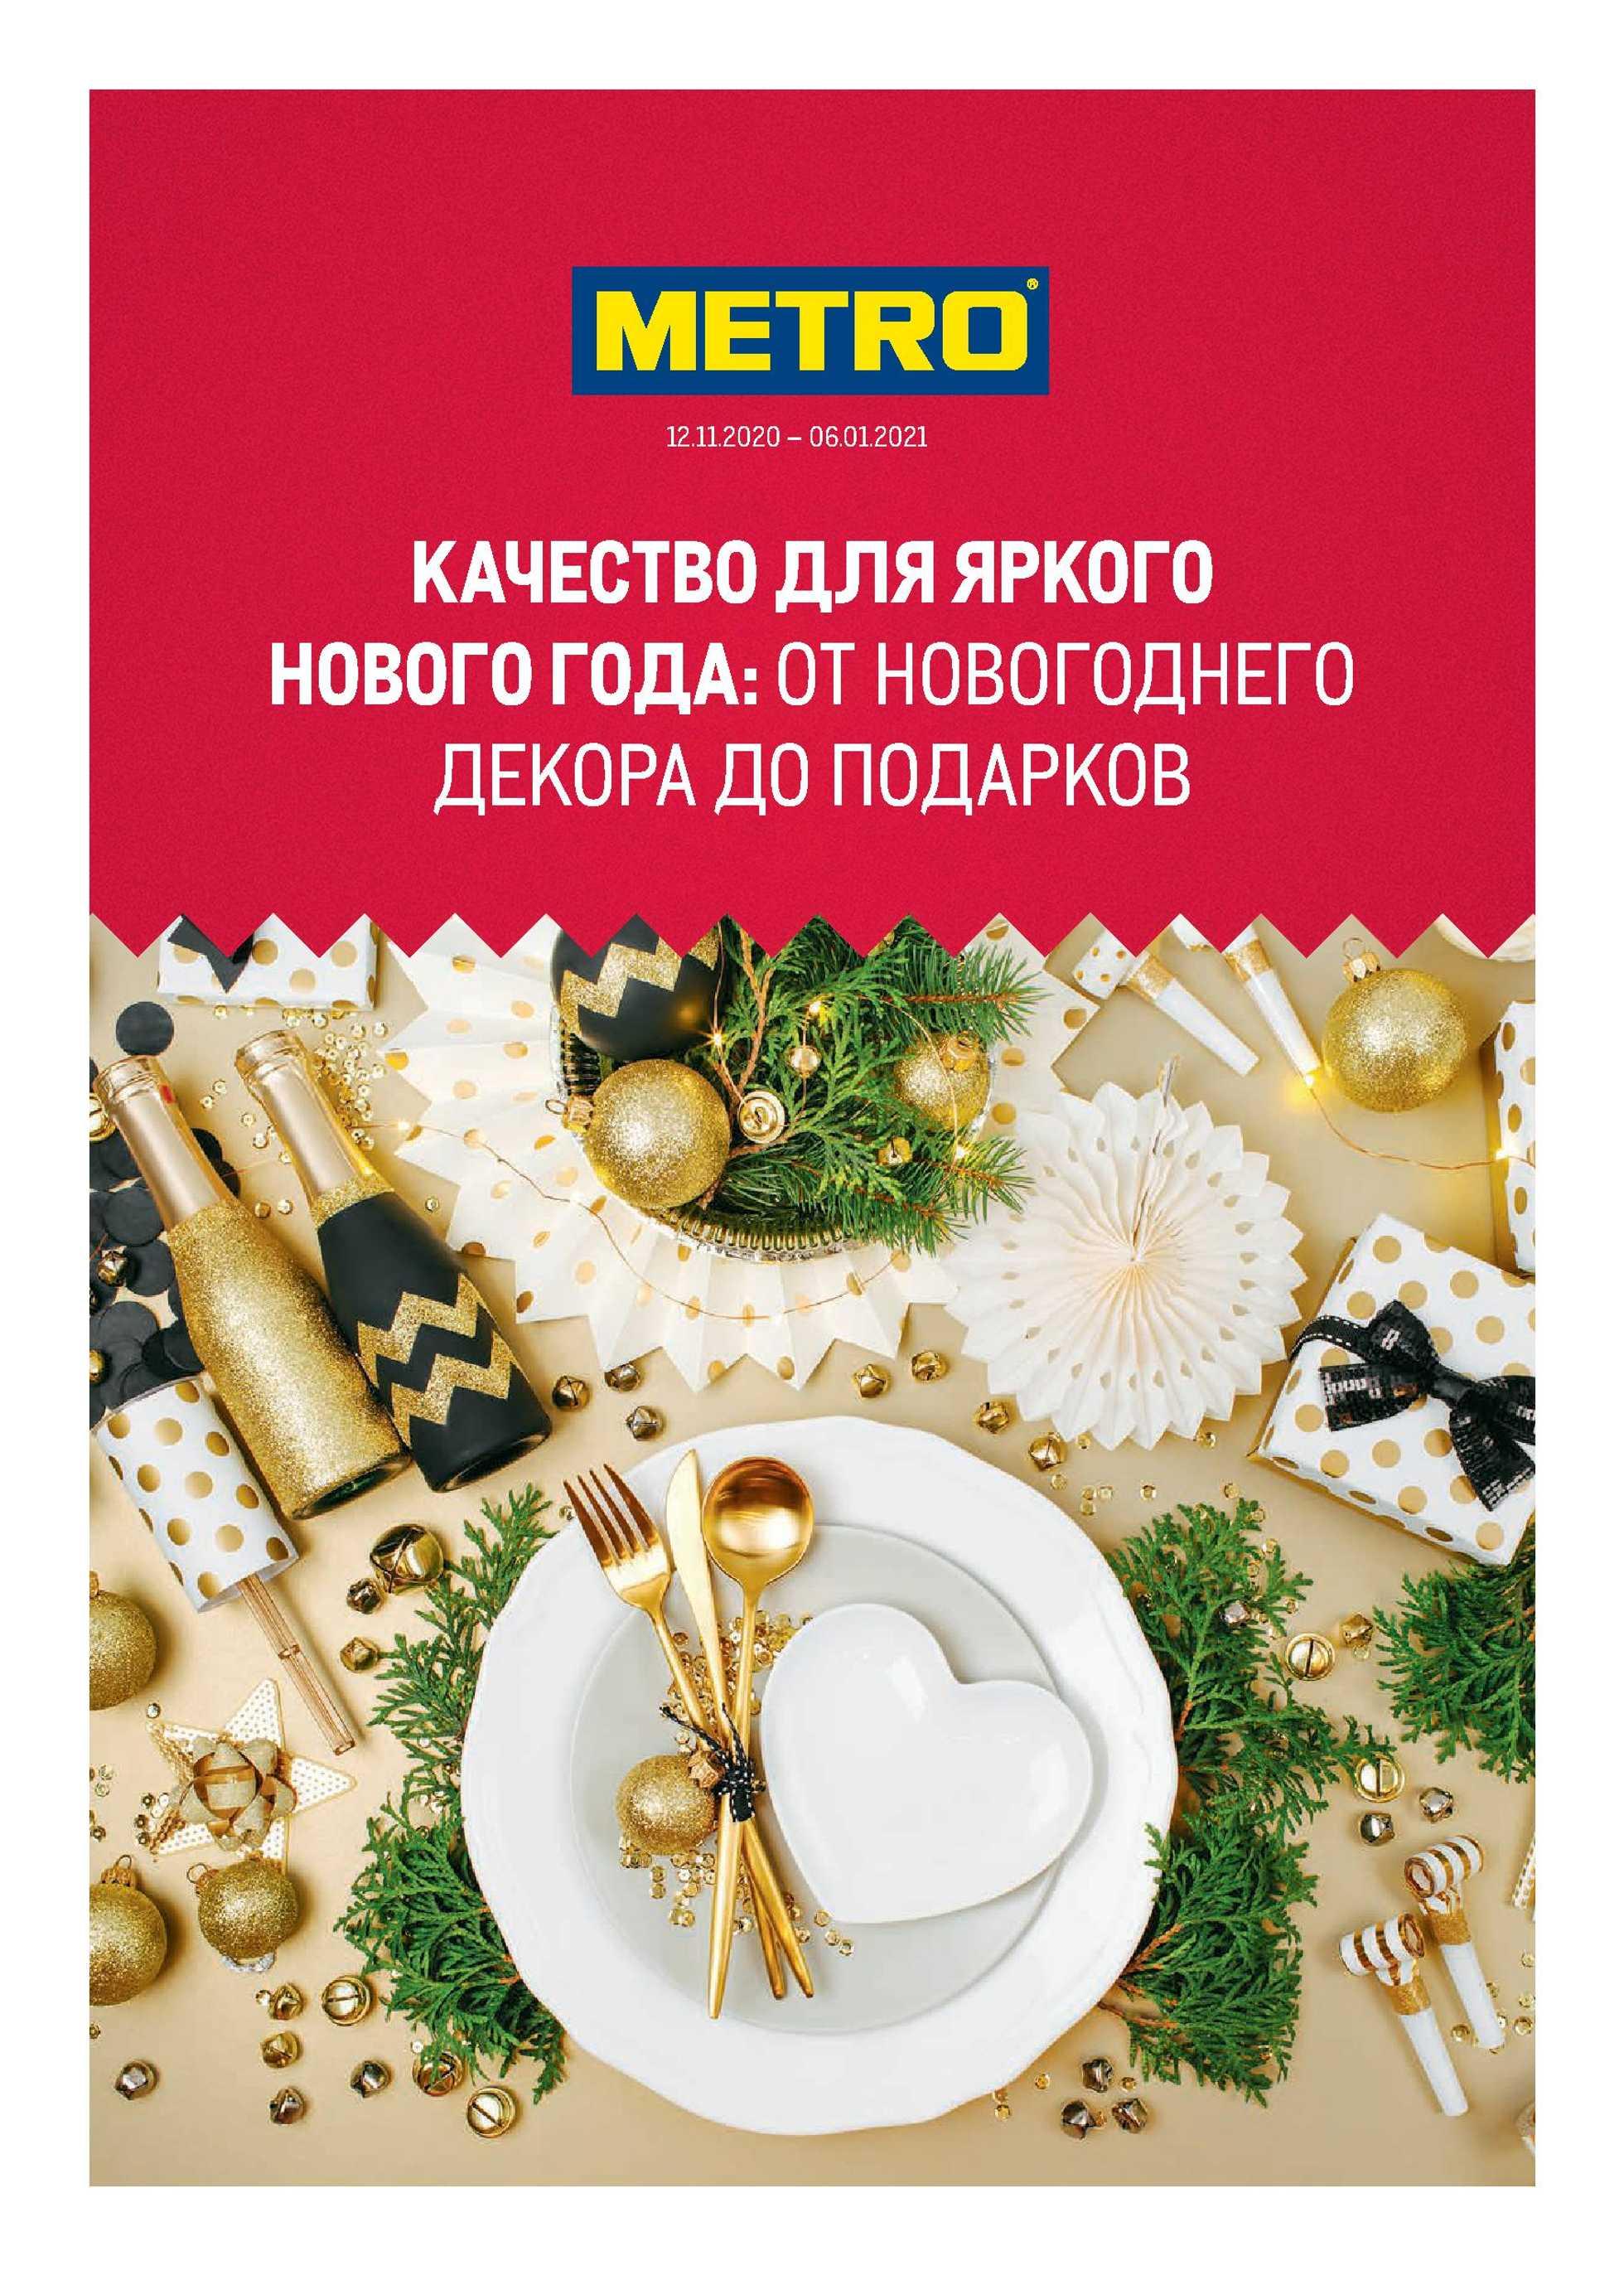 Метро - каталог действителен с 12.11.2020 по 06.01.2021 - страница 1.